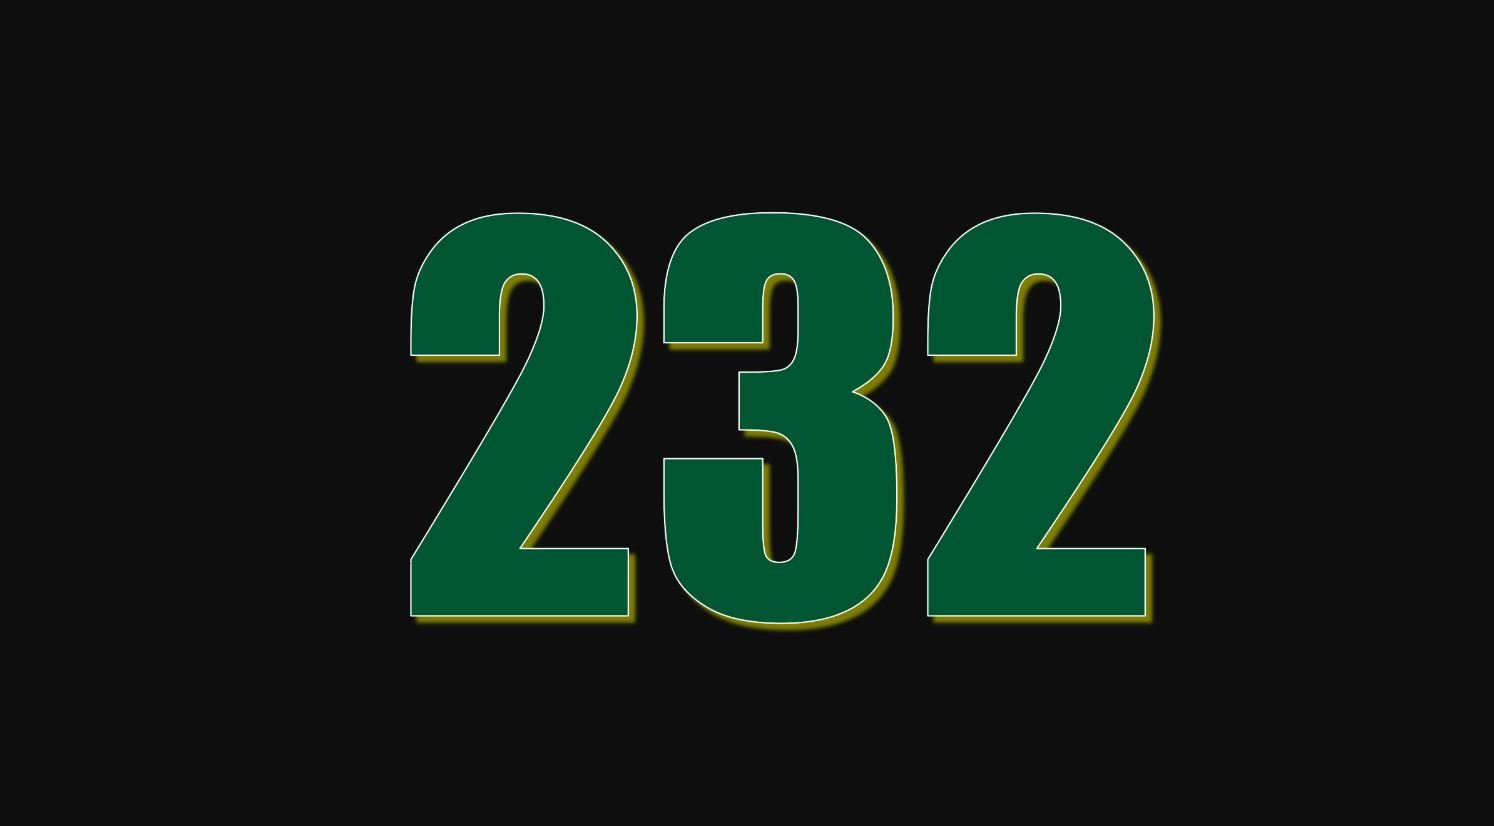 Il significato del numero 232